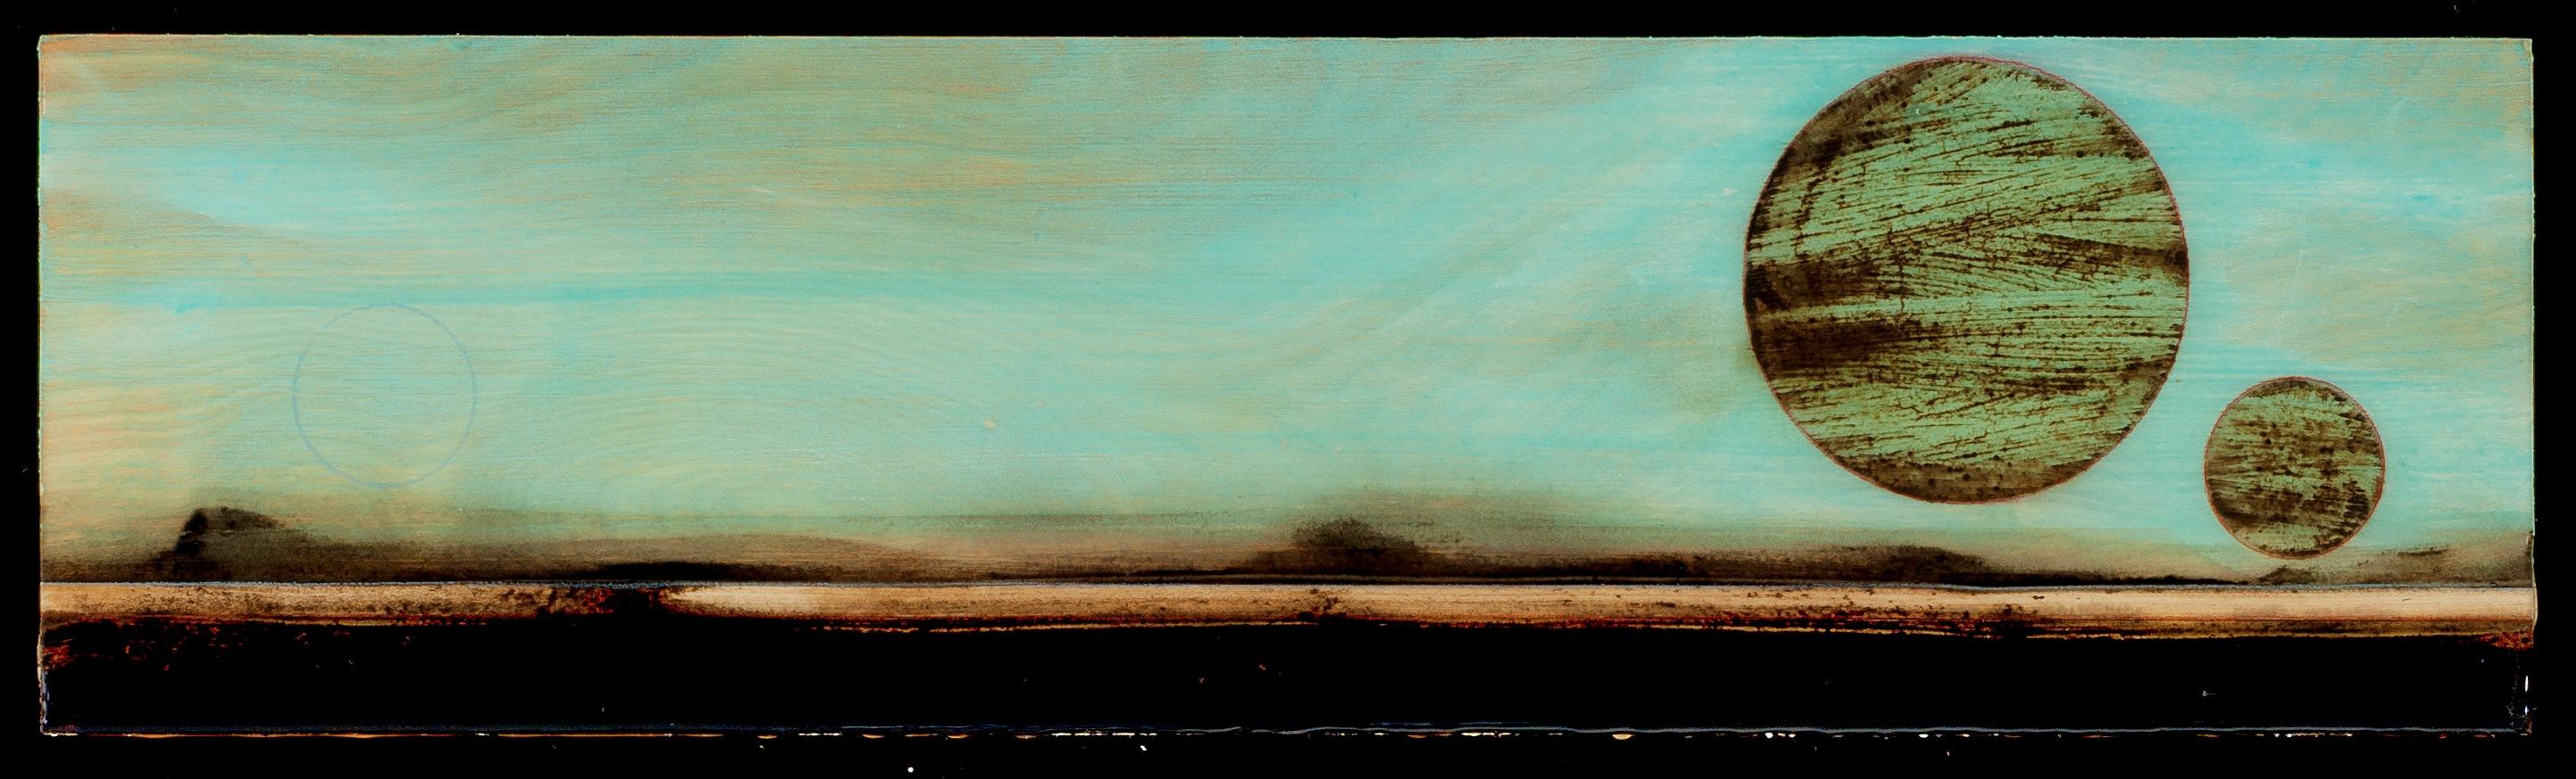 Marco Logsdon. Tar Landscape with Teal Blue Sky, 2014. Oil, Tar, Resin on Wood.